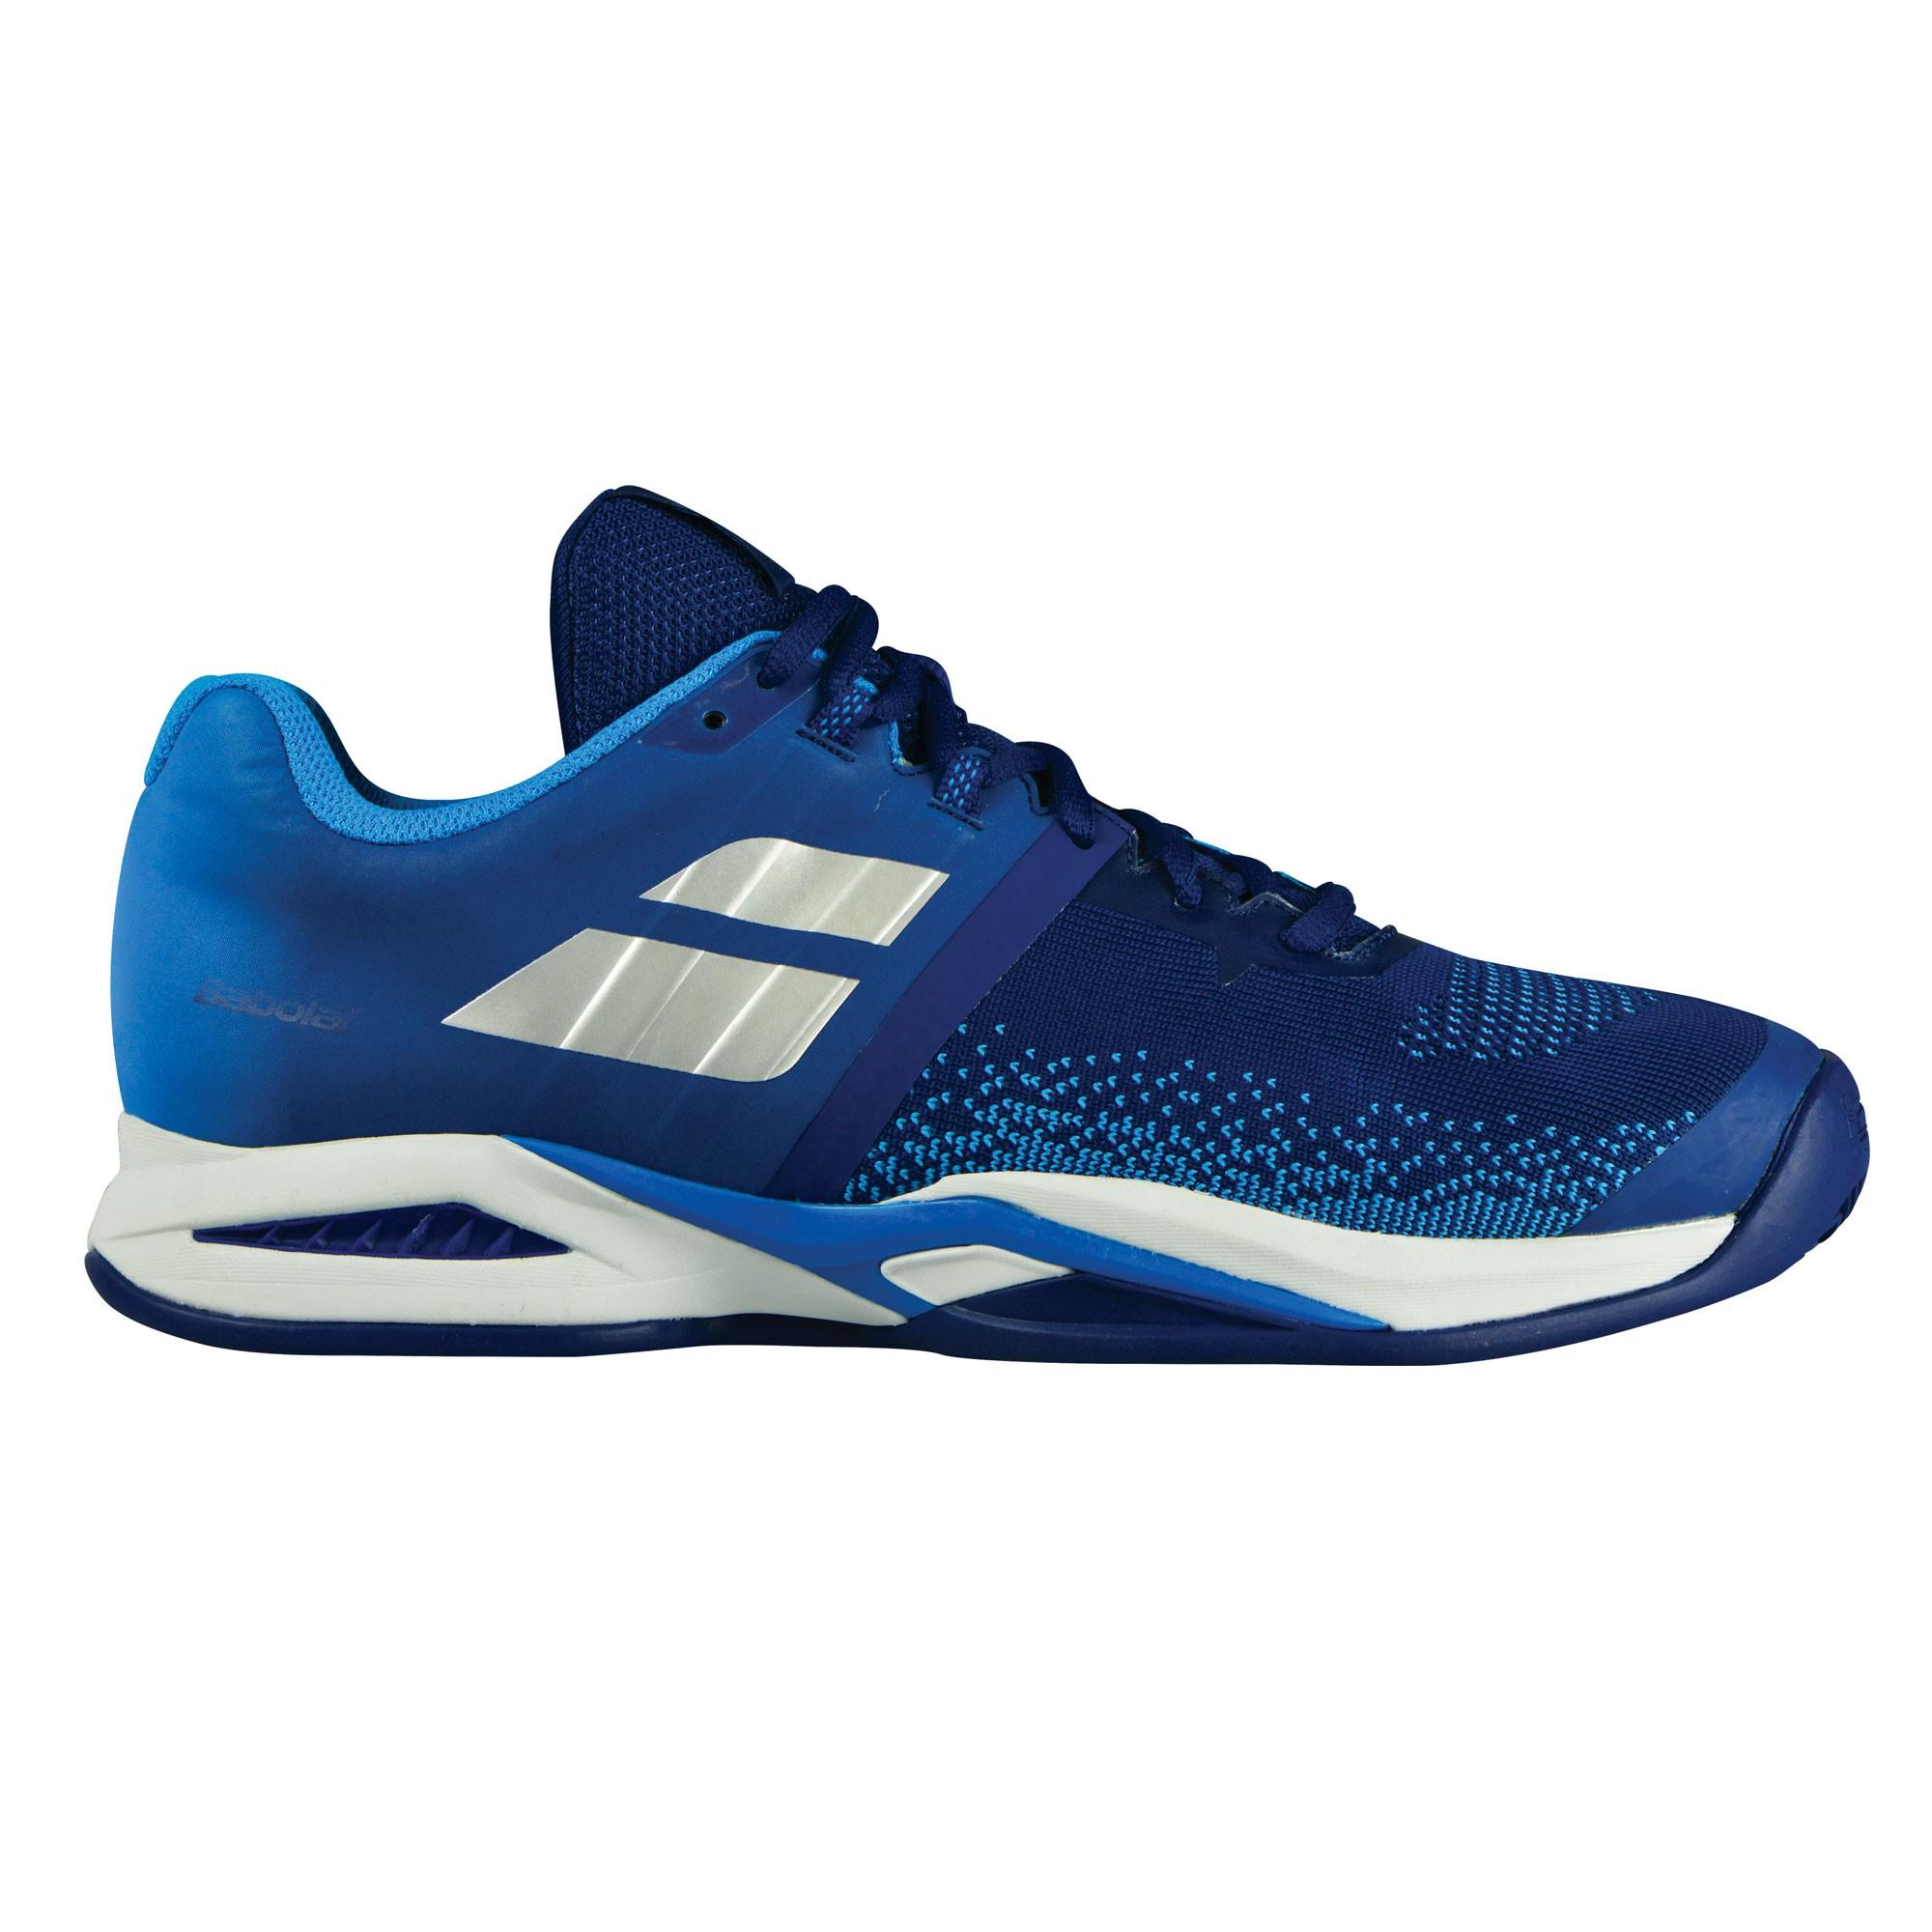 Afbeelding van Babolat Propulse Blast Clay 30S18446 Tennisschoenen Heren Blue EU 44 1/2